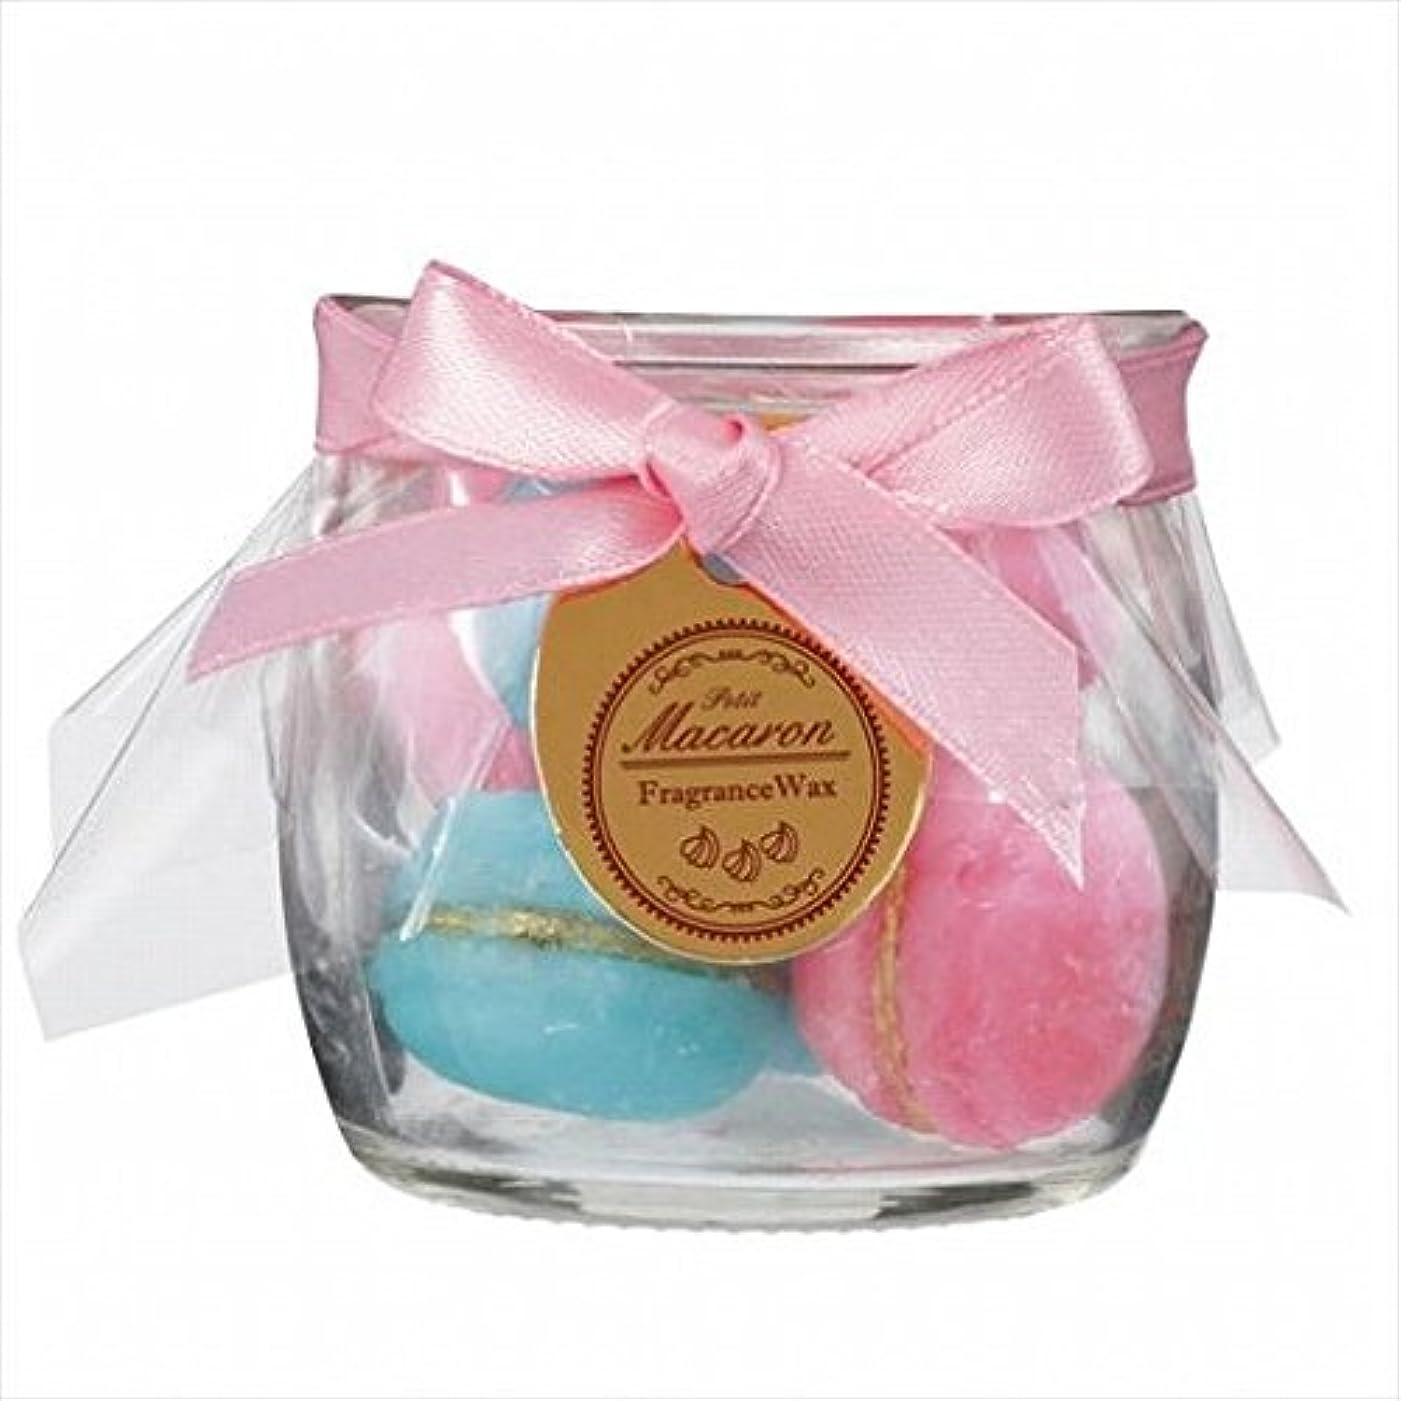 百年発明靴sweets candle(スイーツキャンドル) プチマカロンフレグランス 「 ピーチ 」 キャンドル 60x60x56mm (A3160540)